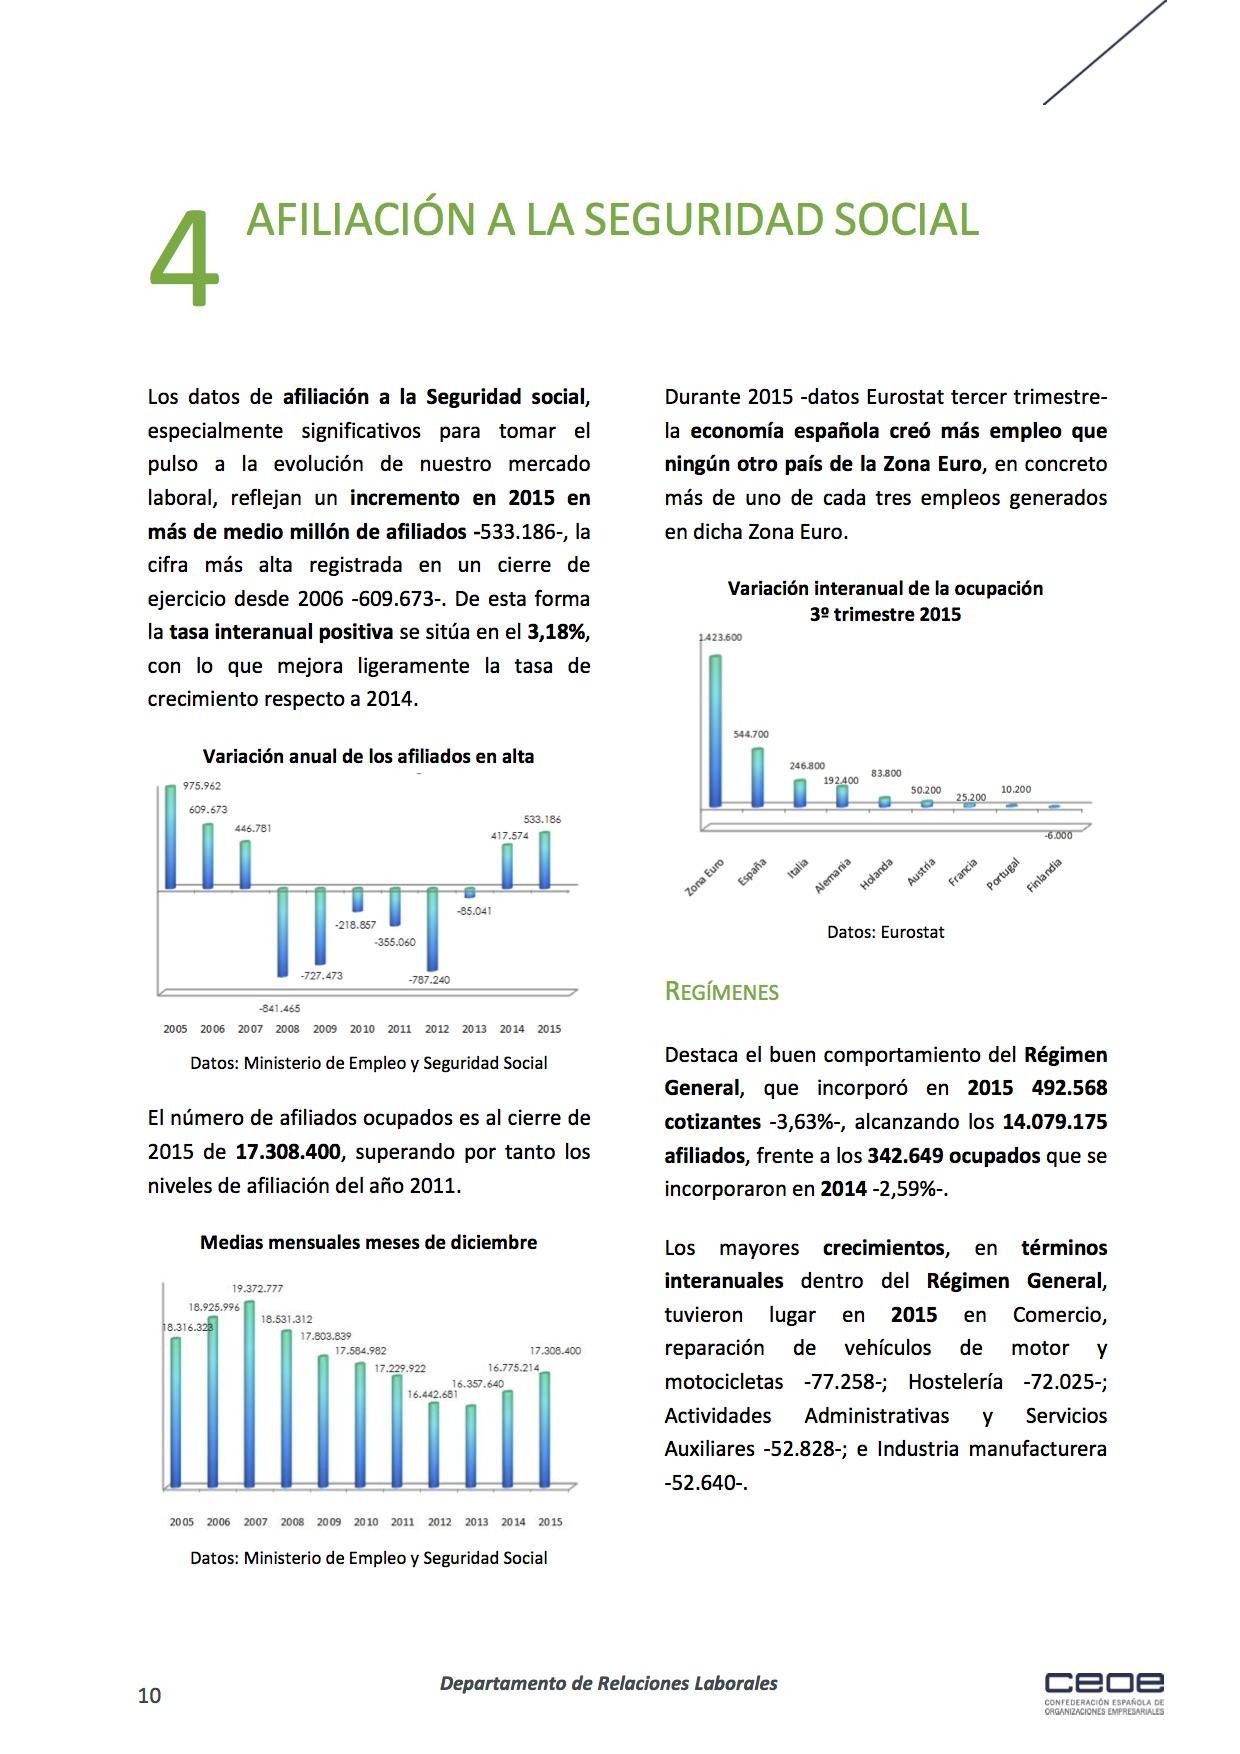 10publications_docs-file-175-analisis-del-mercado-laboral-de-2015